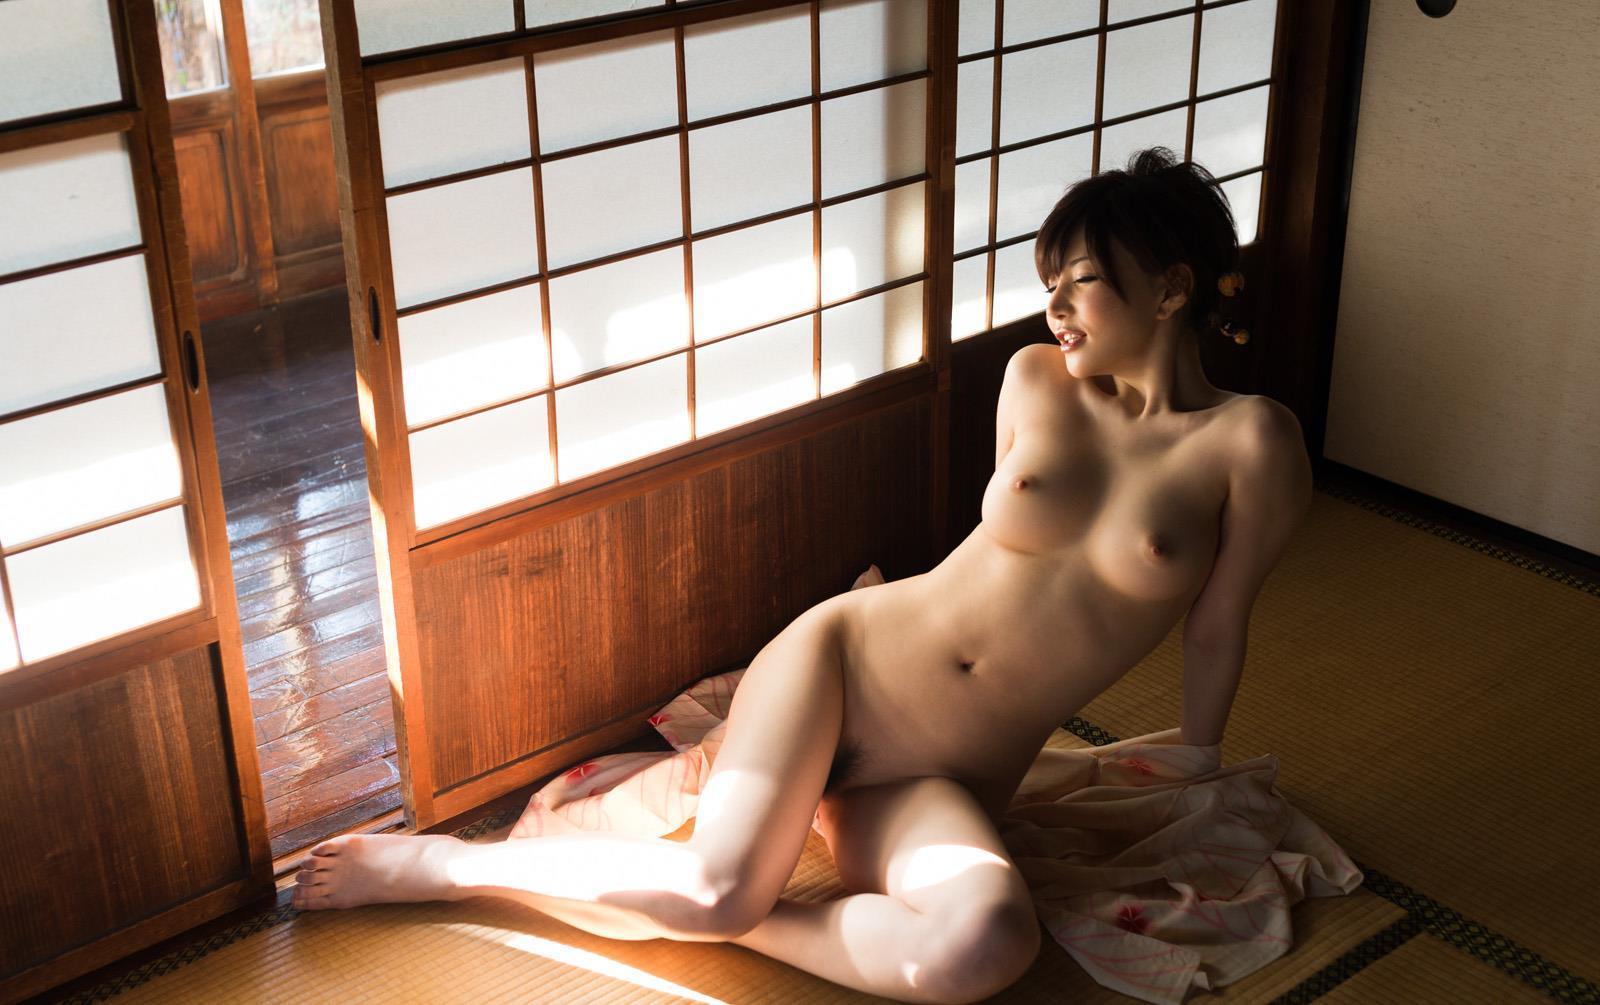 ボンテージに艶やかな浴衣の里美ゆりあヌード画像